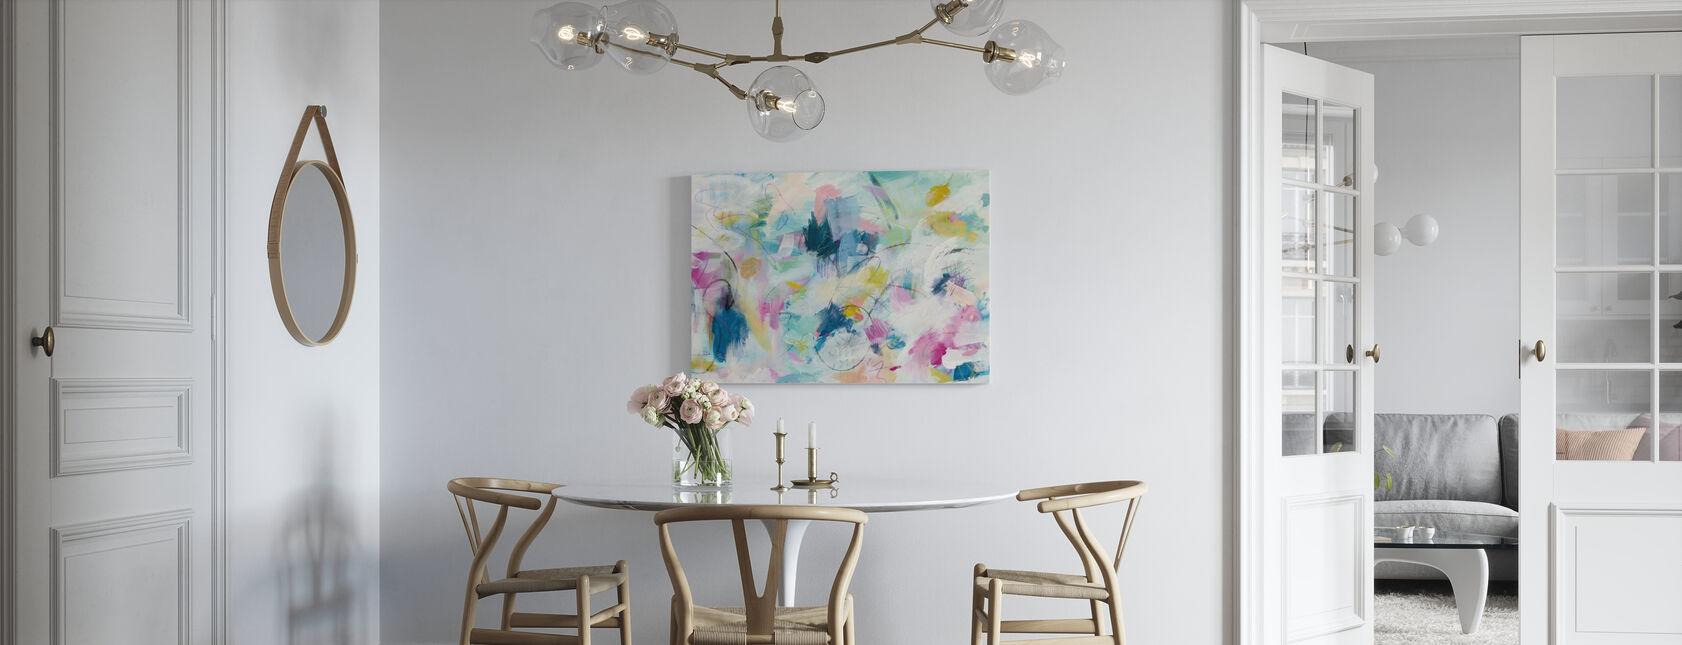 Daglichtbesparingen III - Canvas print - Keuken